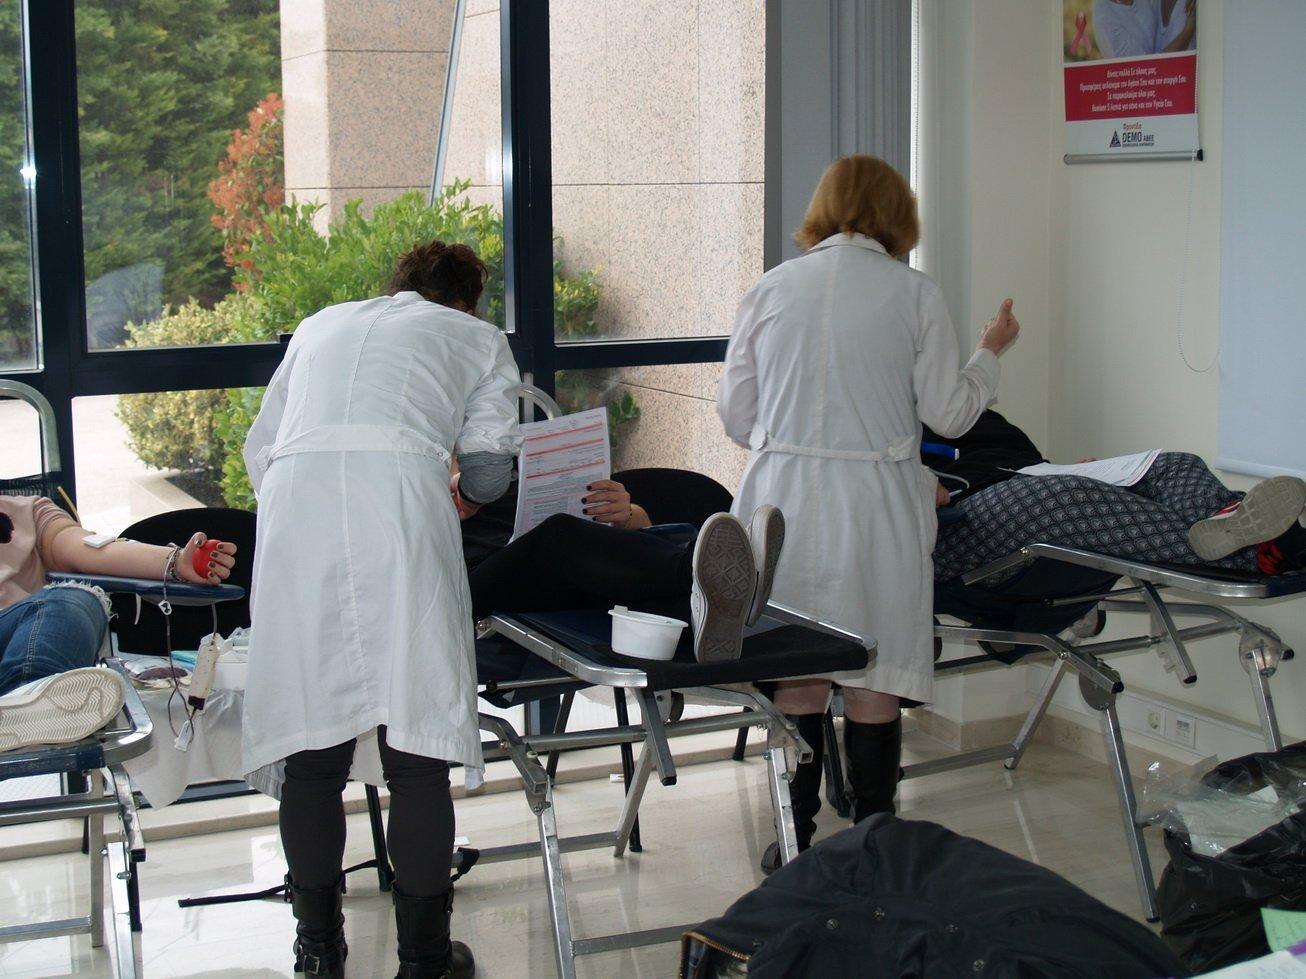 Εθελοντική Αιμοδοσία των Εργαζομένων της DEMO για 11η χρονιά